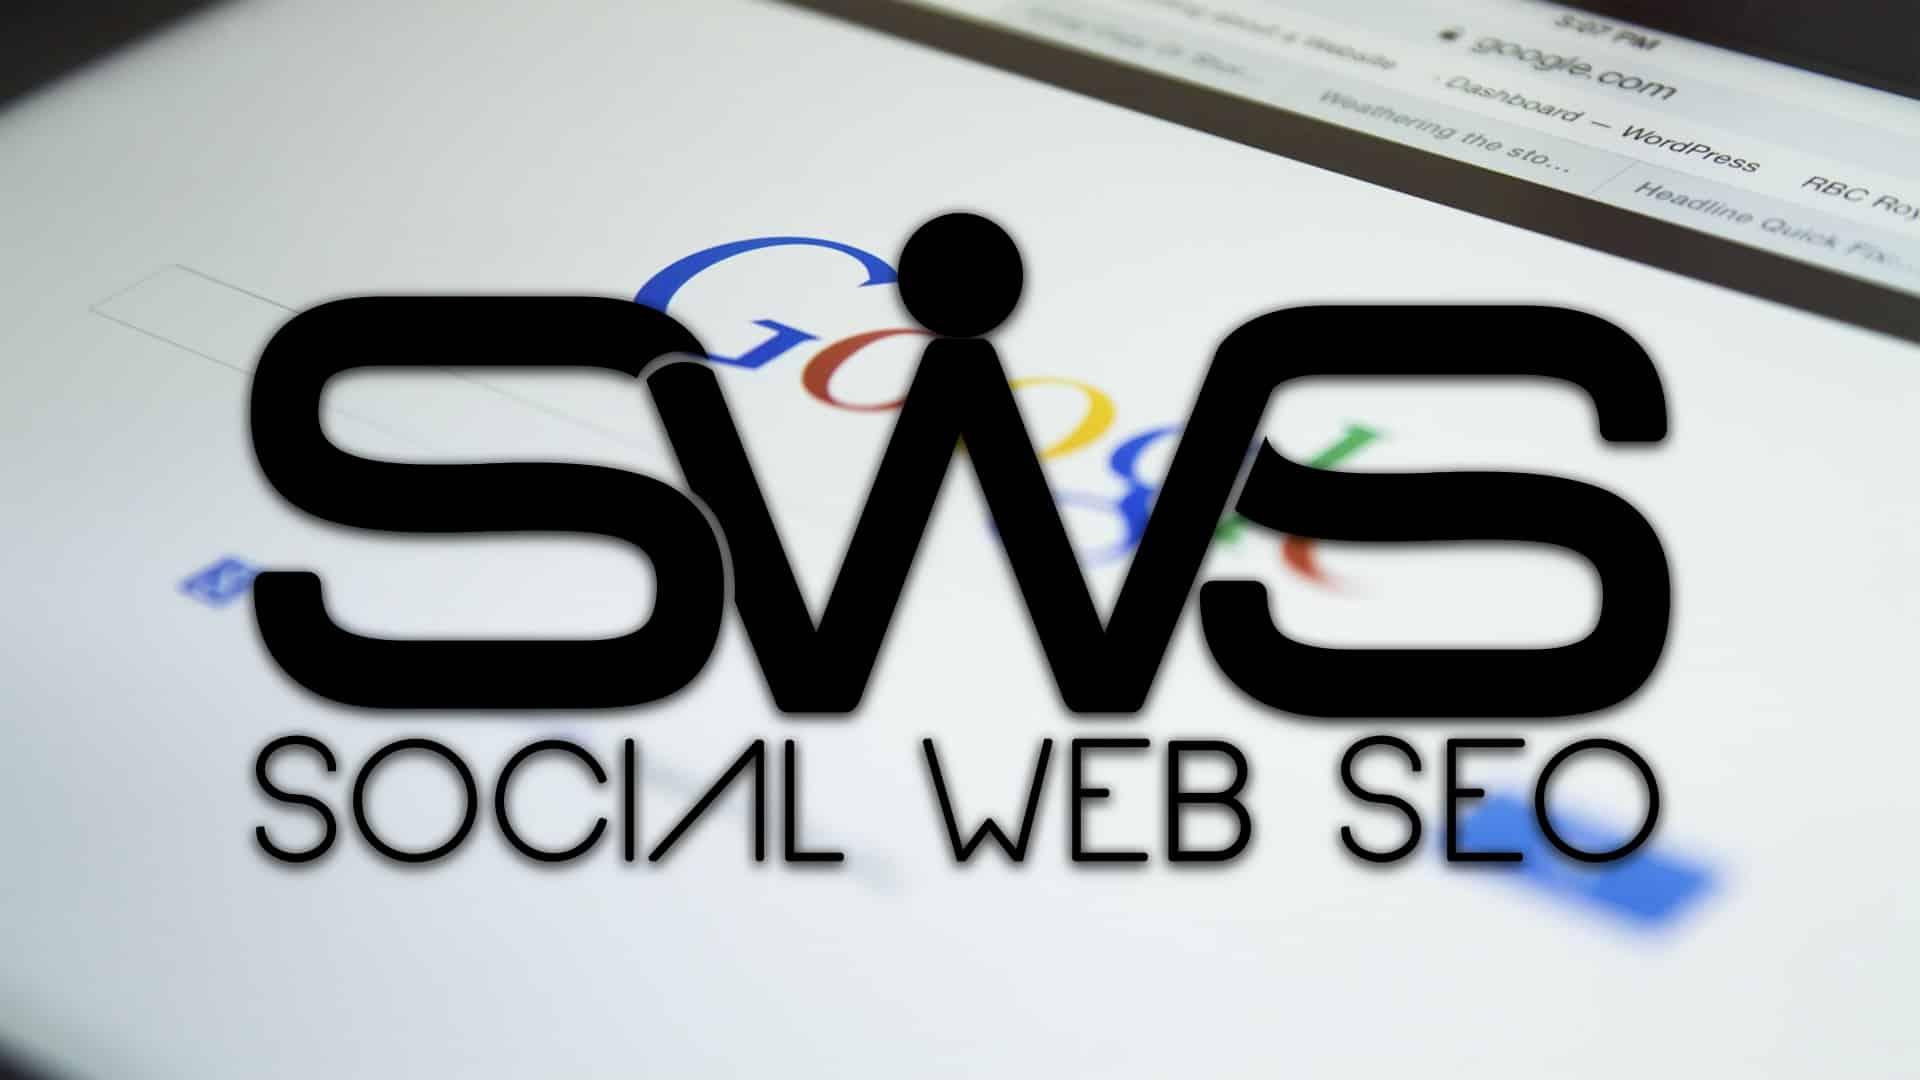 Social Web SEO - Pioneros en el Marketing Social Digital - Primera Consultora SEO en Venezuela 1 (4)